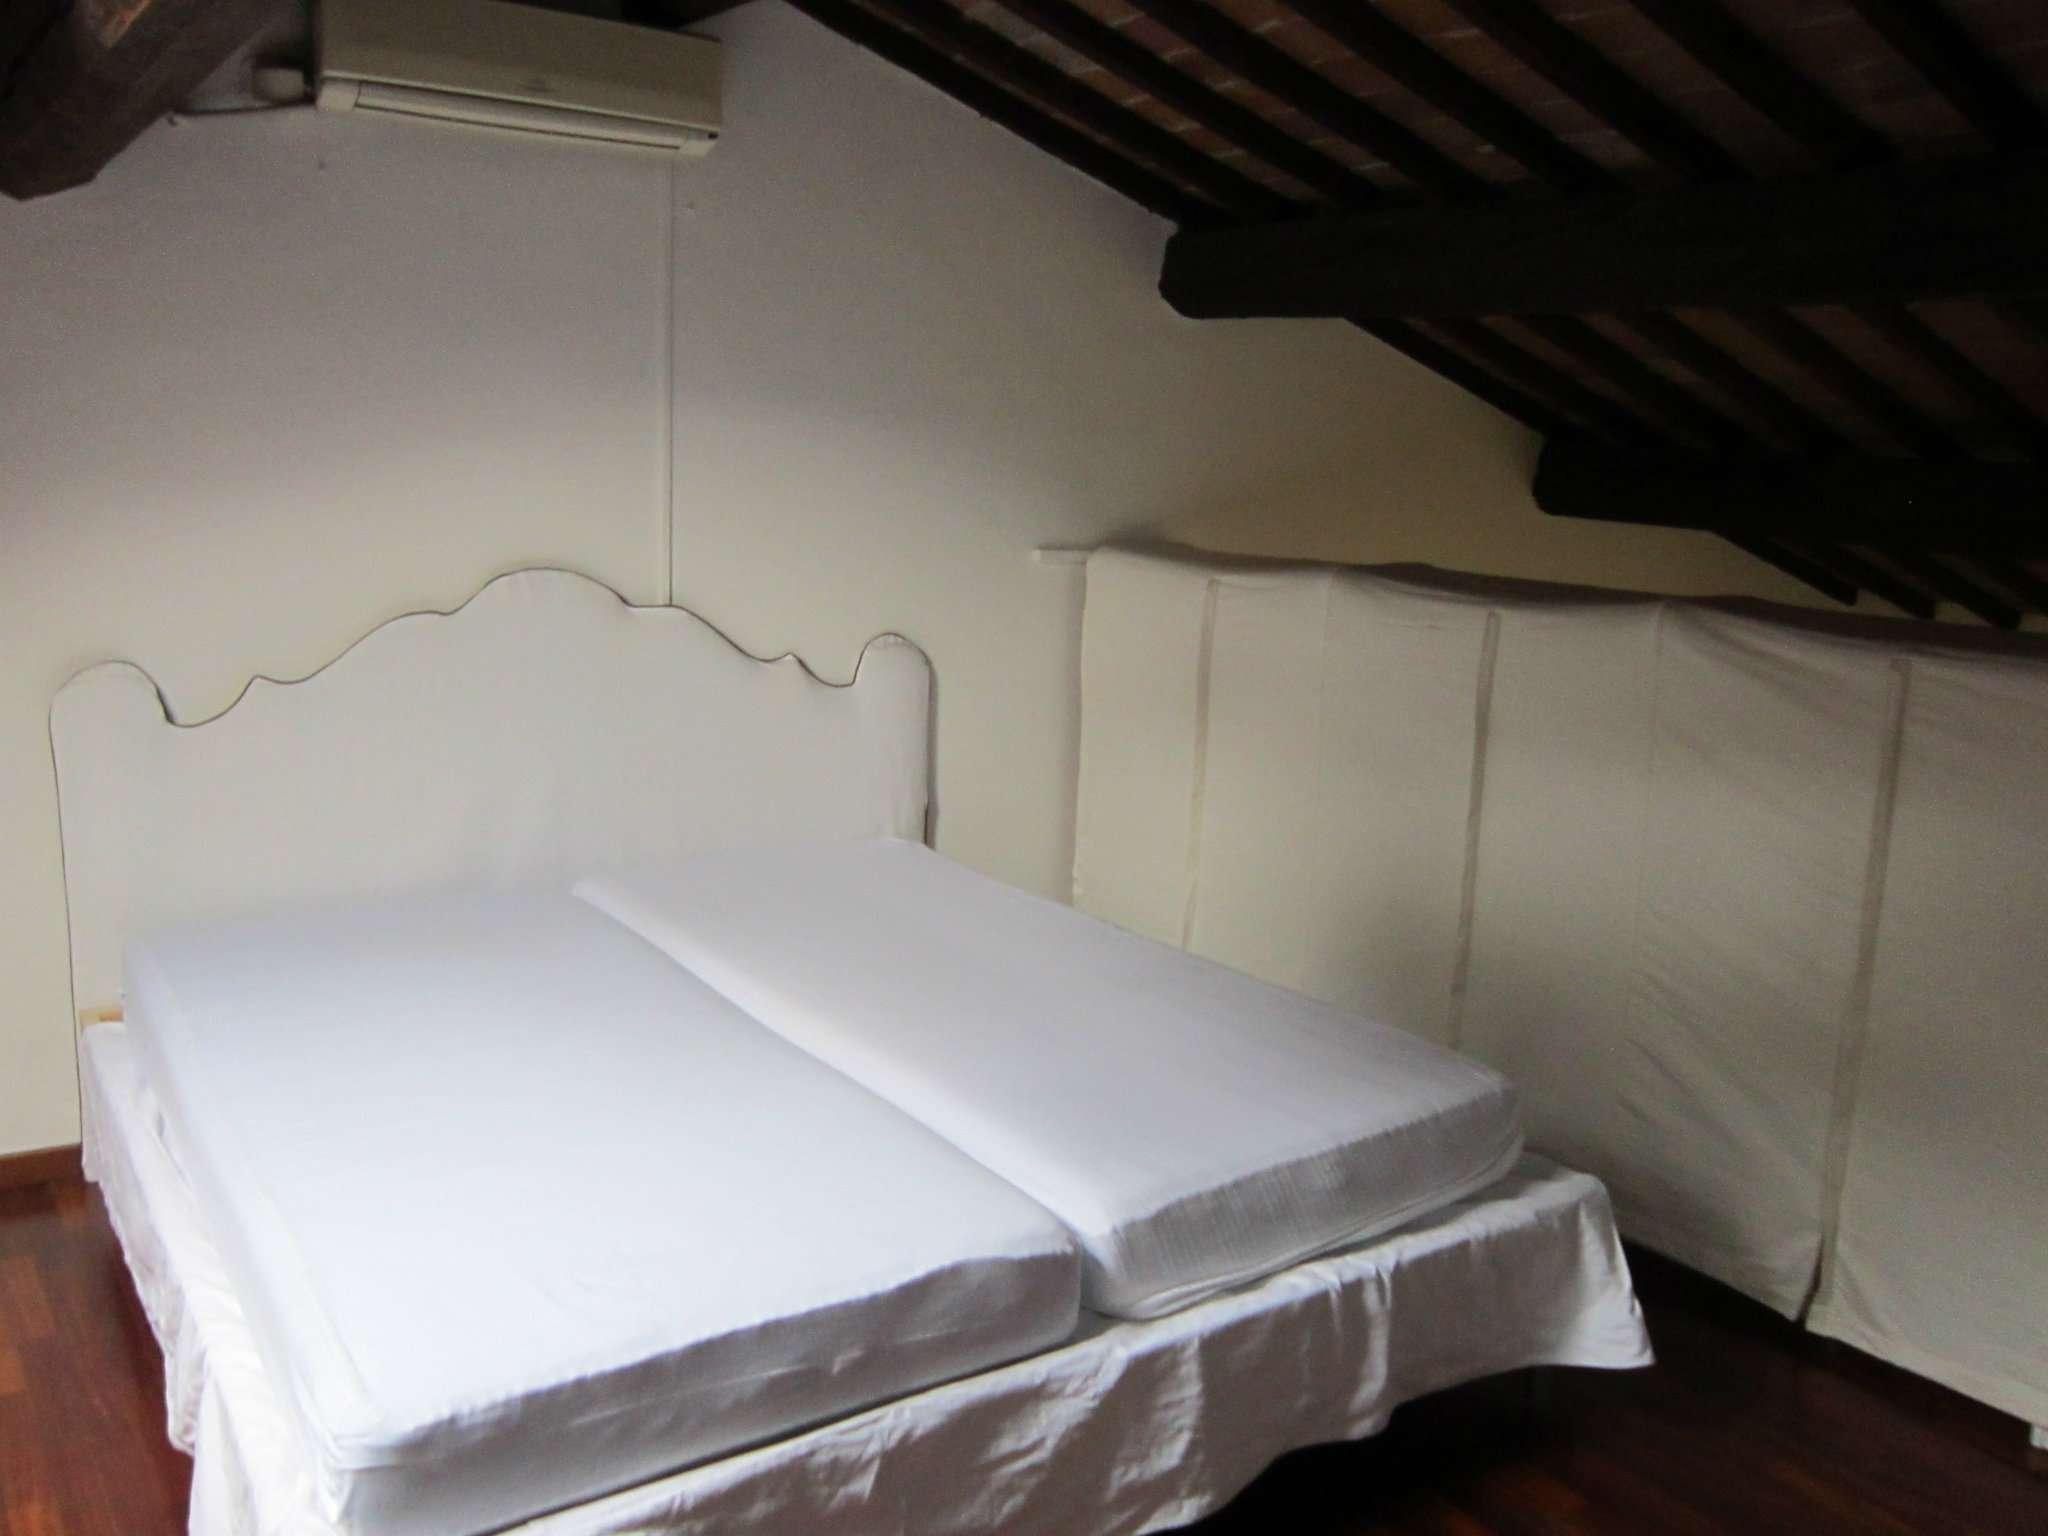 Appartamento in affitto a Verona, 3 locali, zona Zona: 1 . ZTL - Piazza Cittadella - San Zeno - Stadio, prezzo € 700 | CambioCasa.it